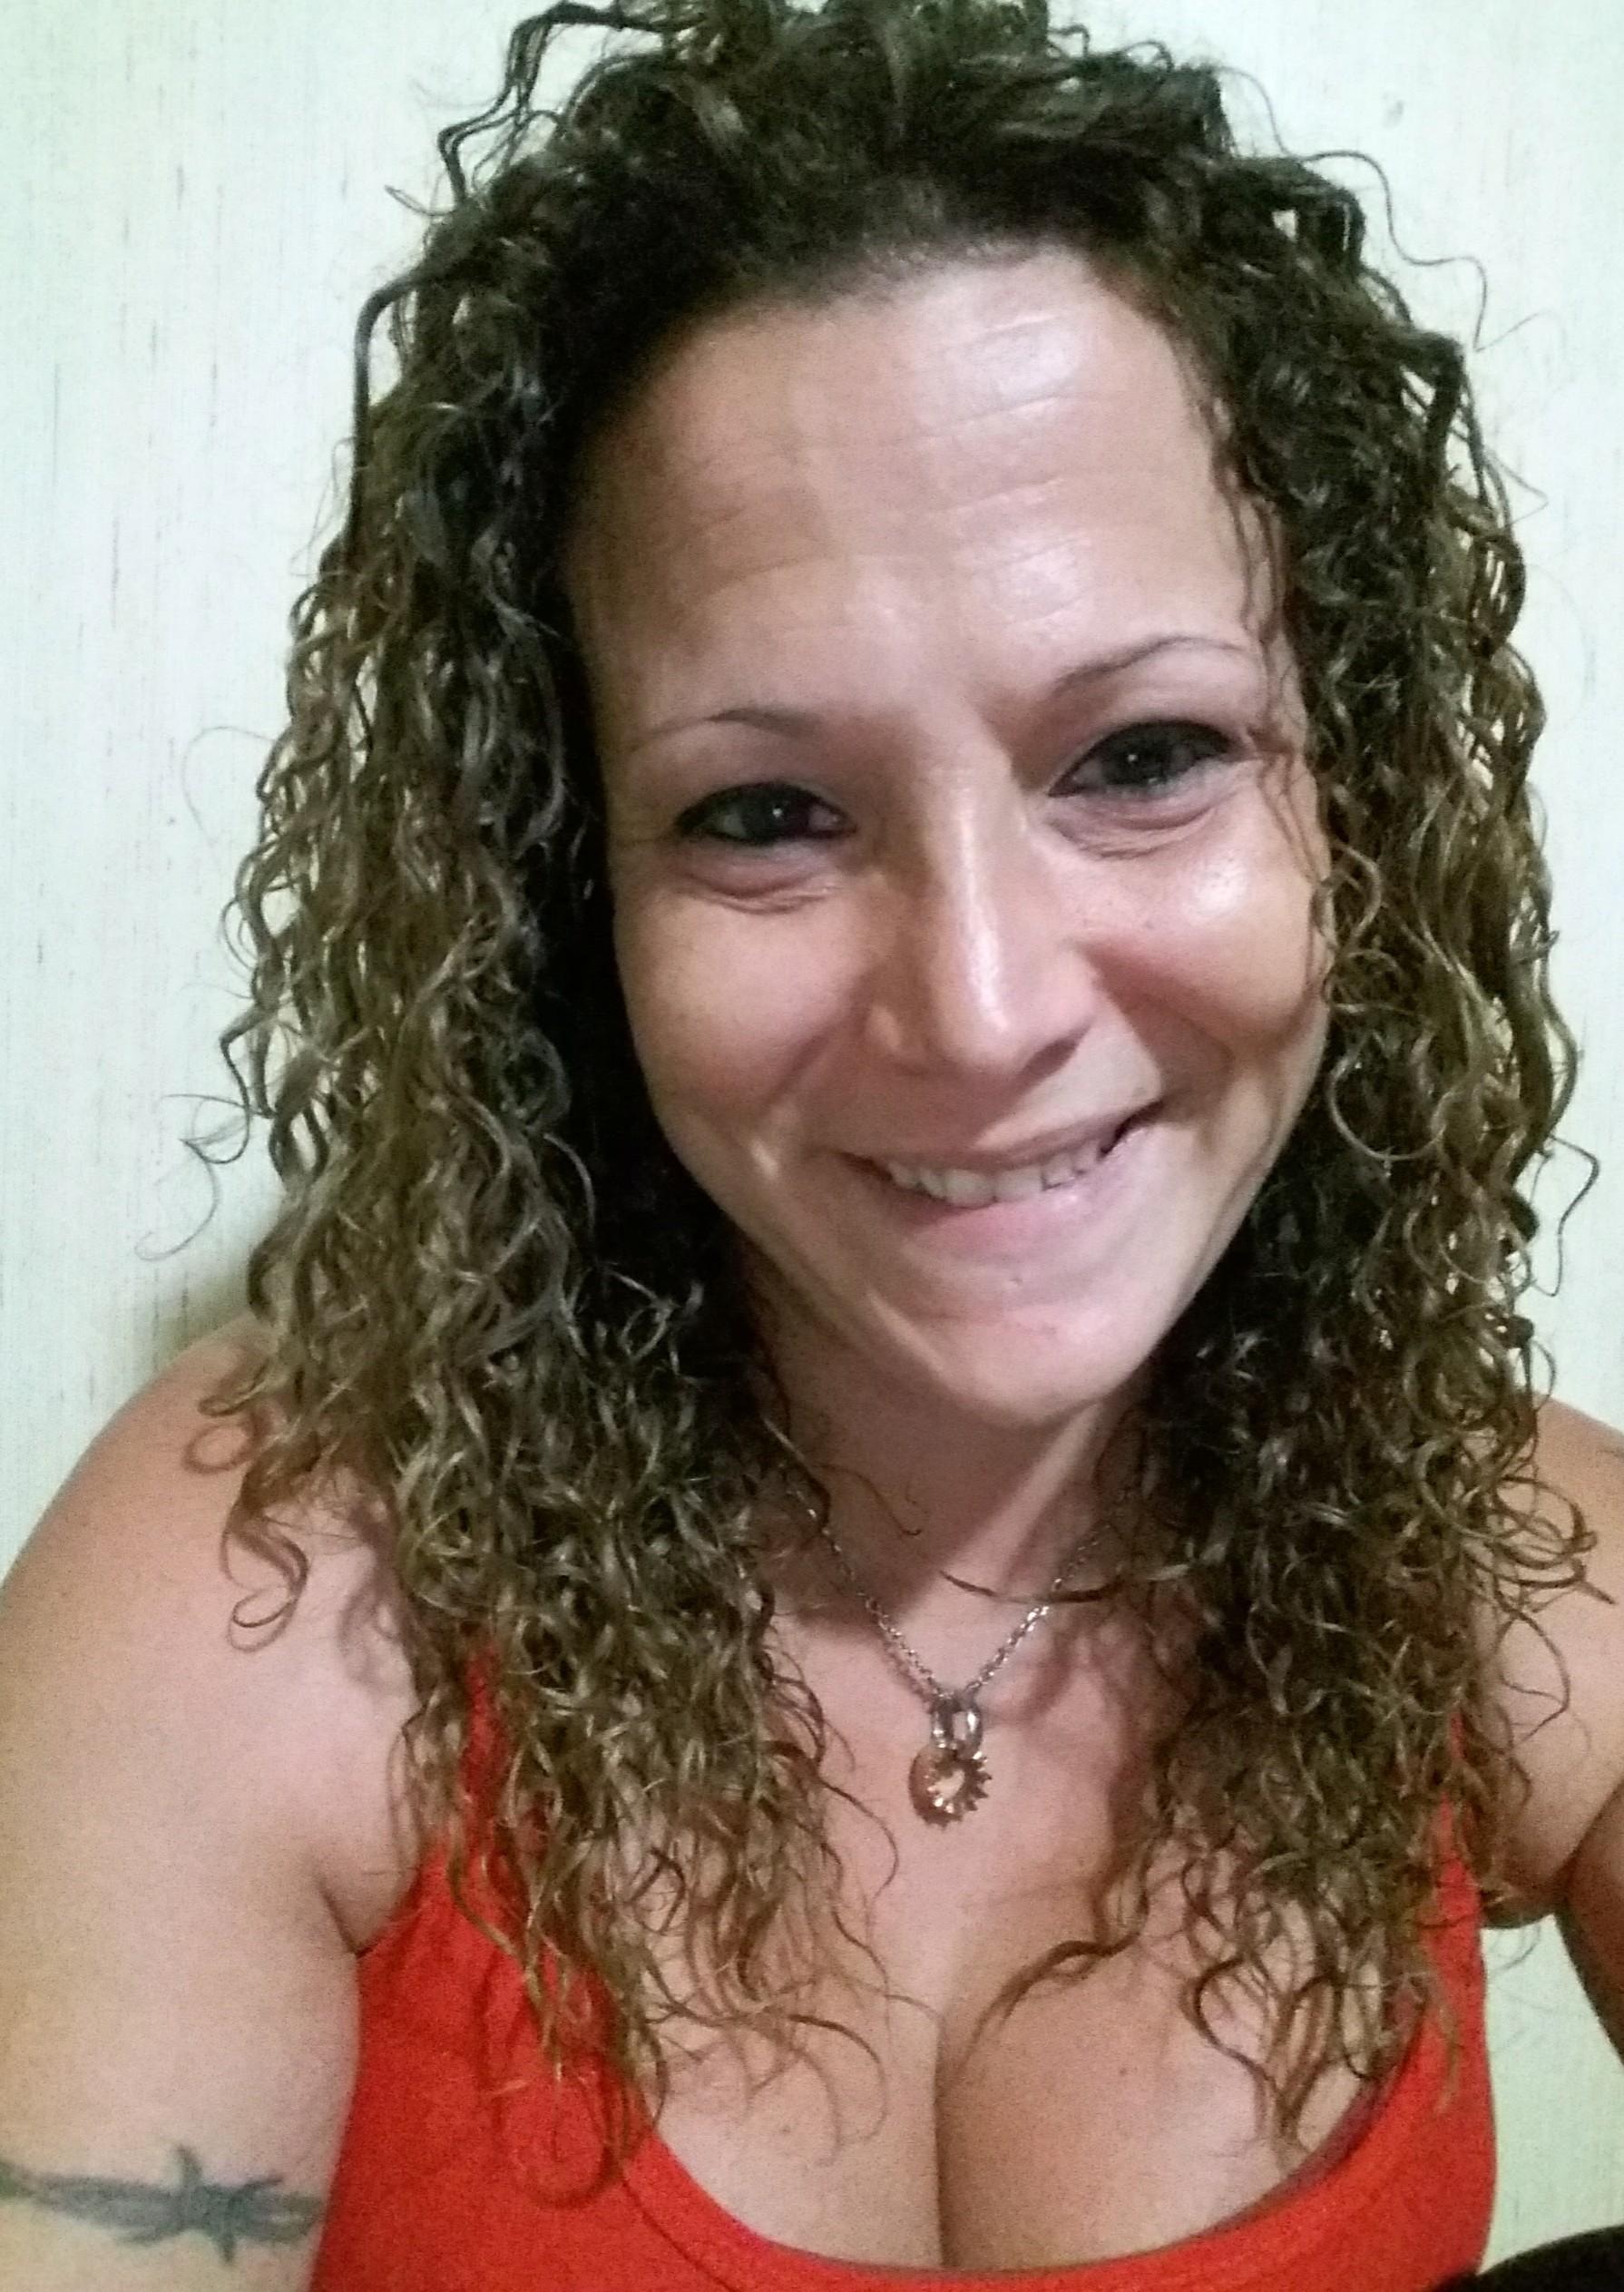 Gina Trader